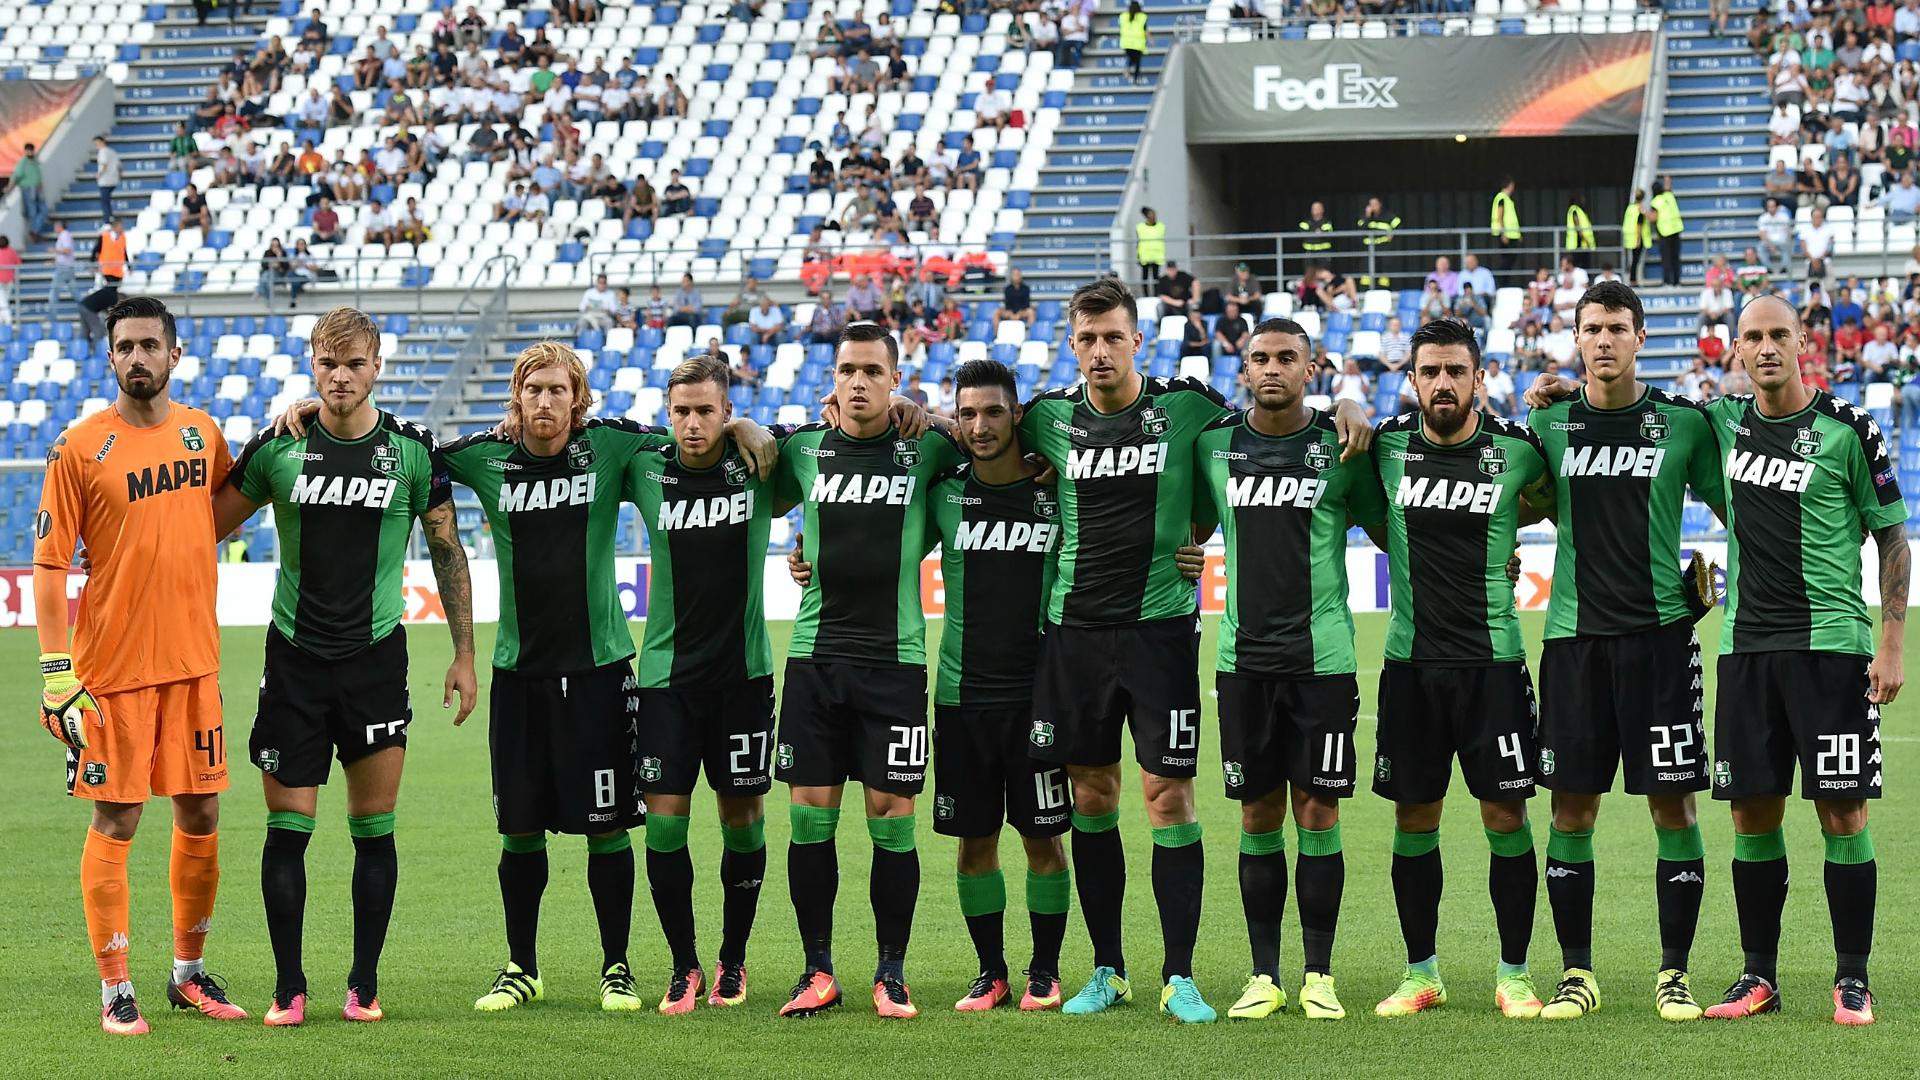 Niente Milan per Berardi: l'attaccante del Sassuolo rientrerà dopo la sosta